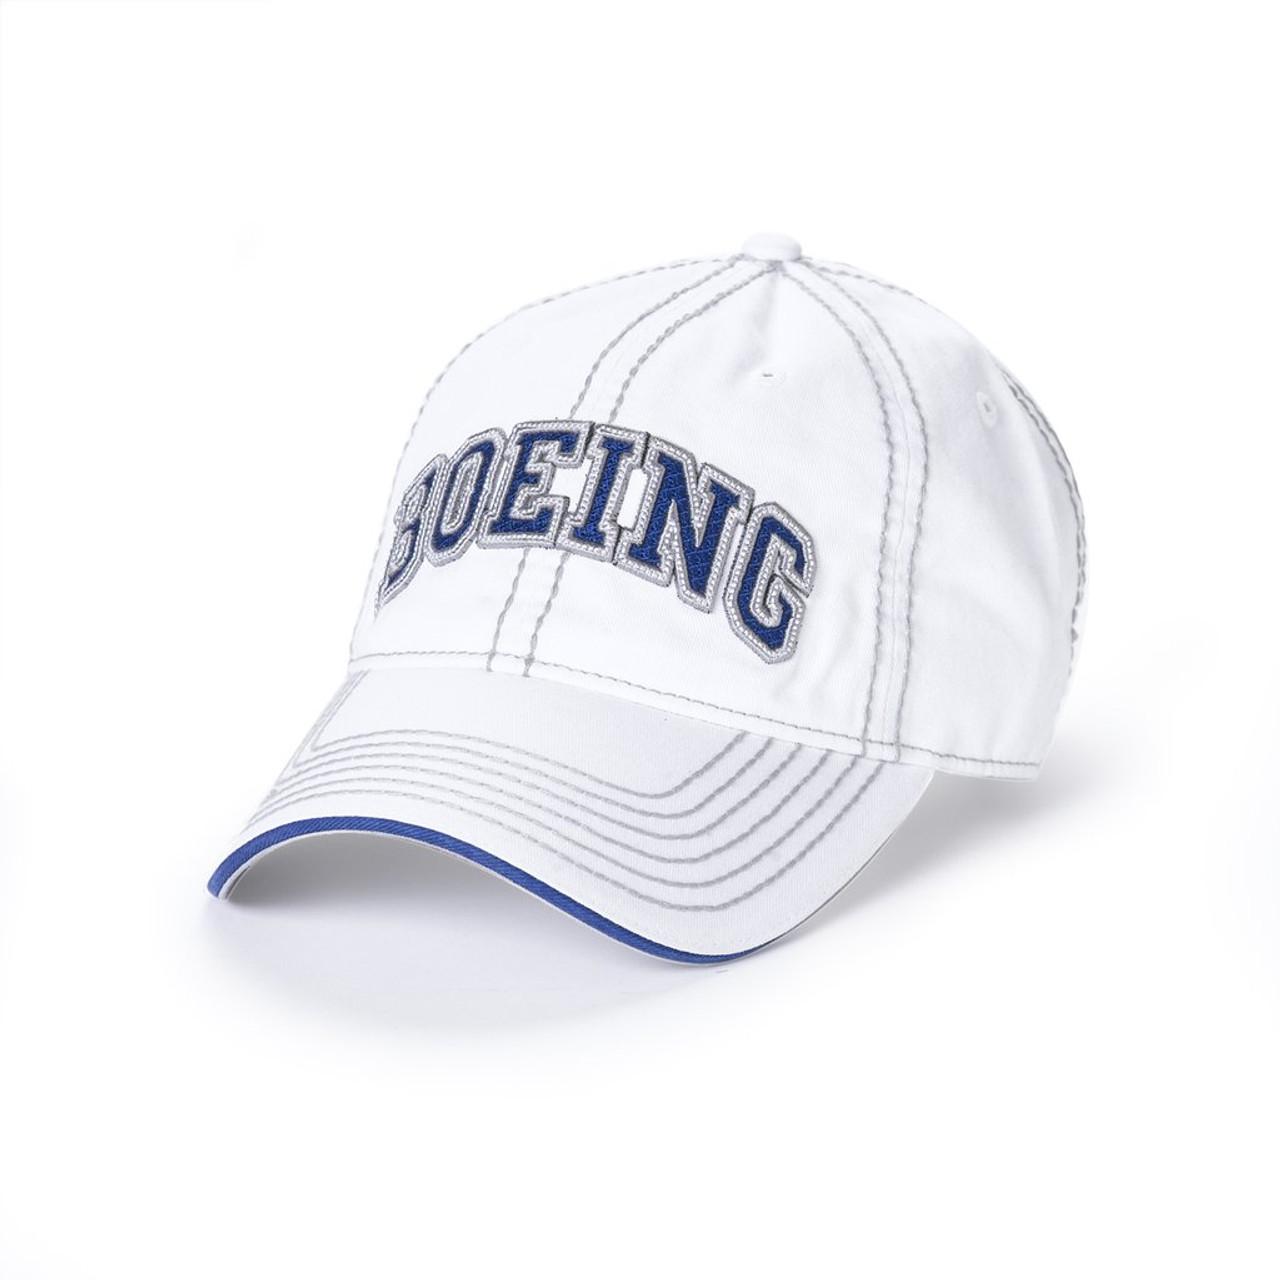 Boeing Varsity Heavy Stitch Cap (White)